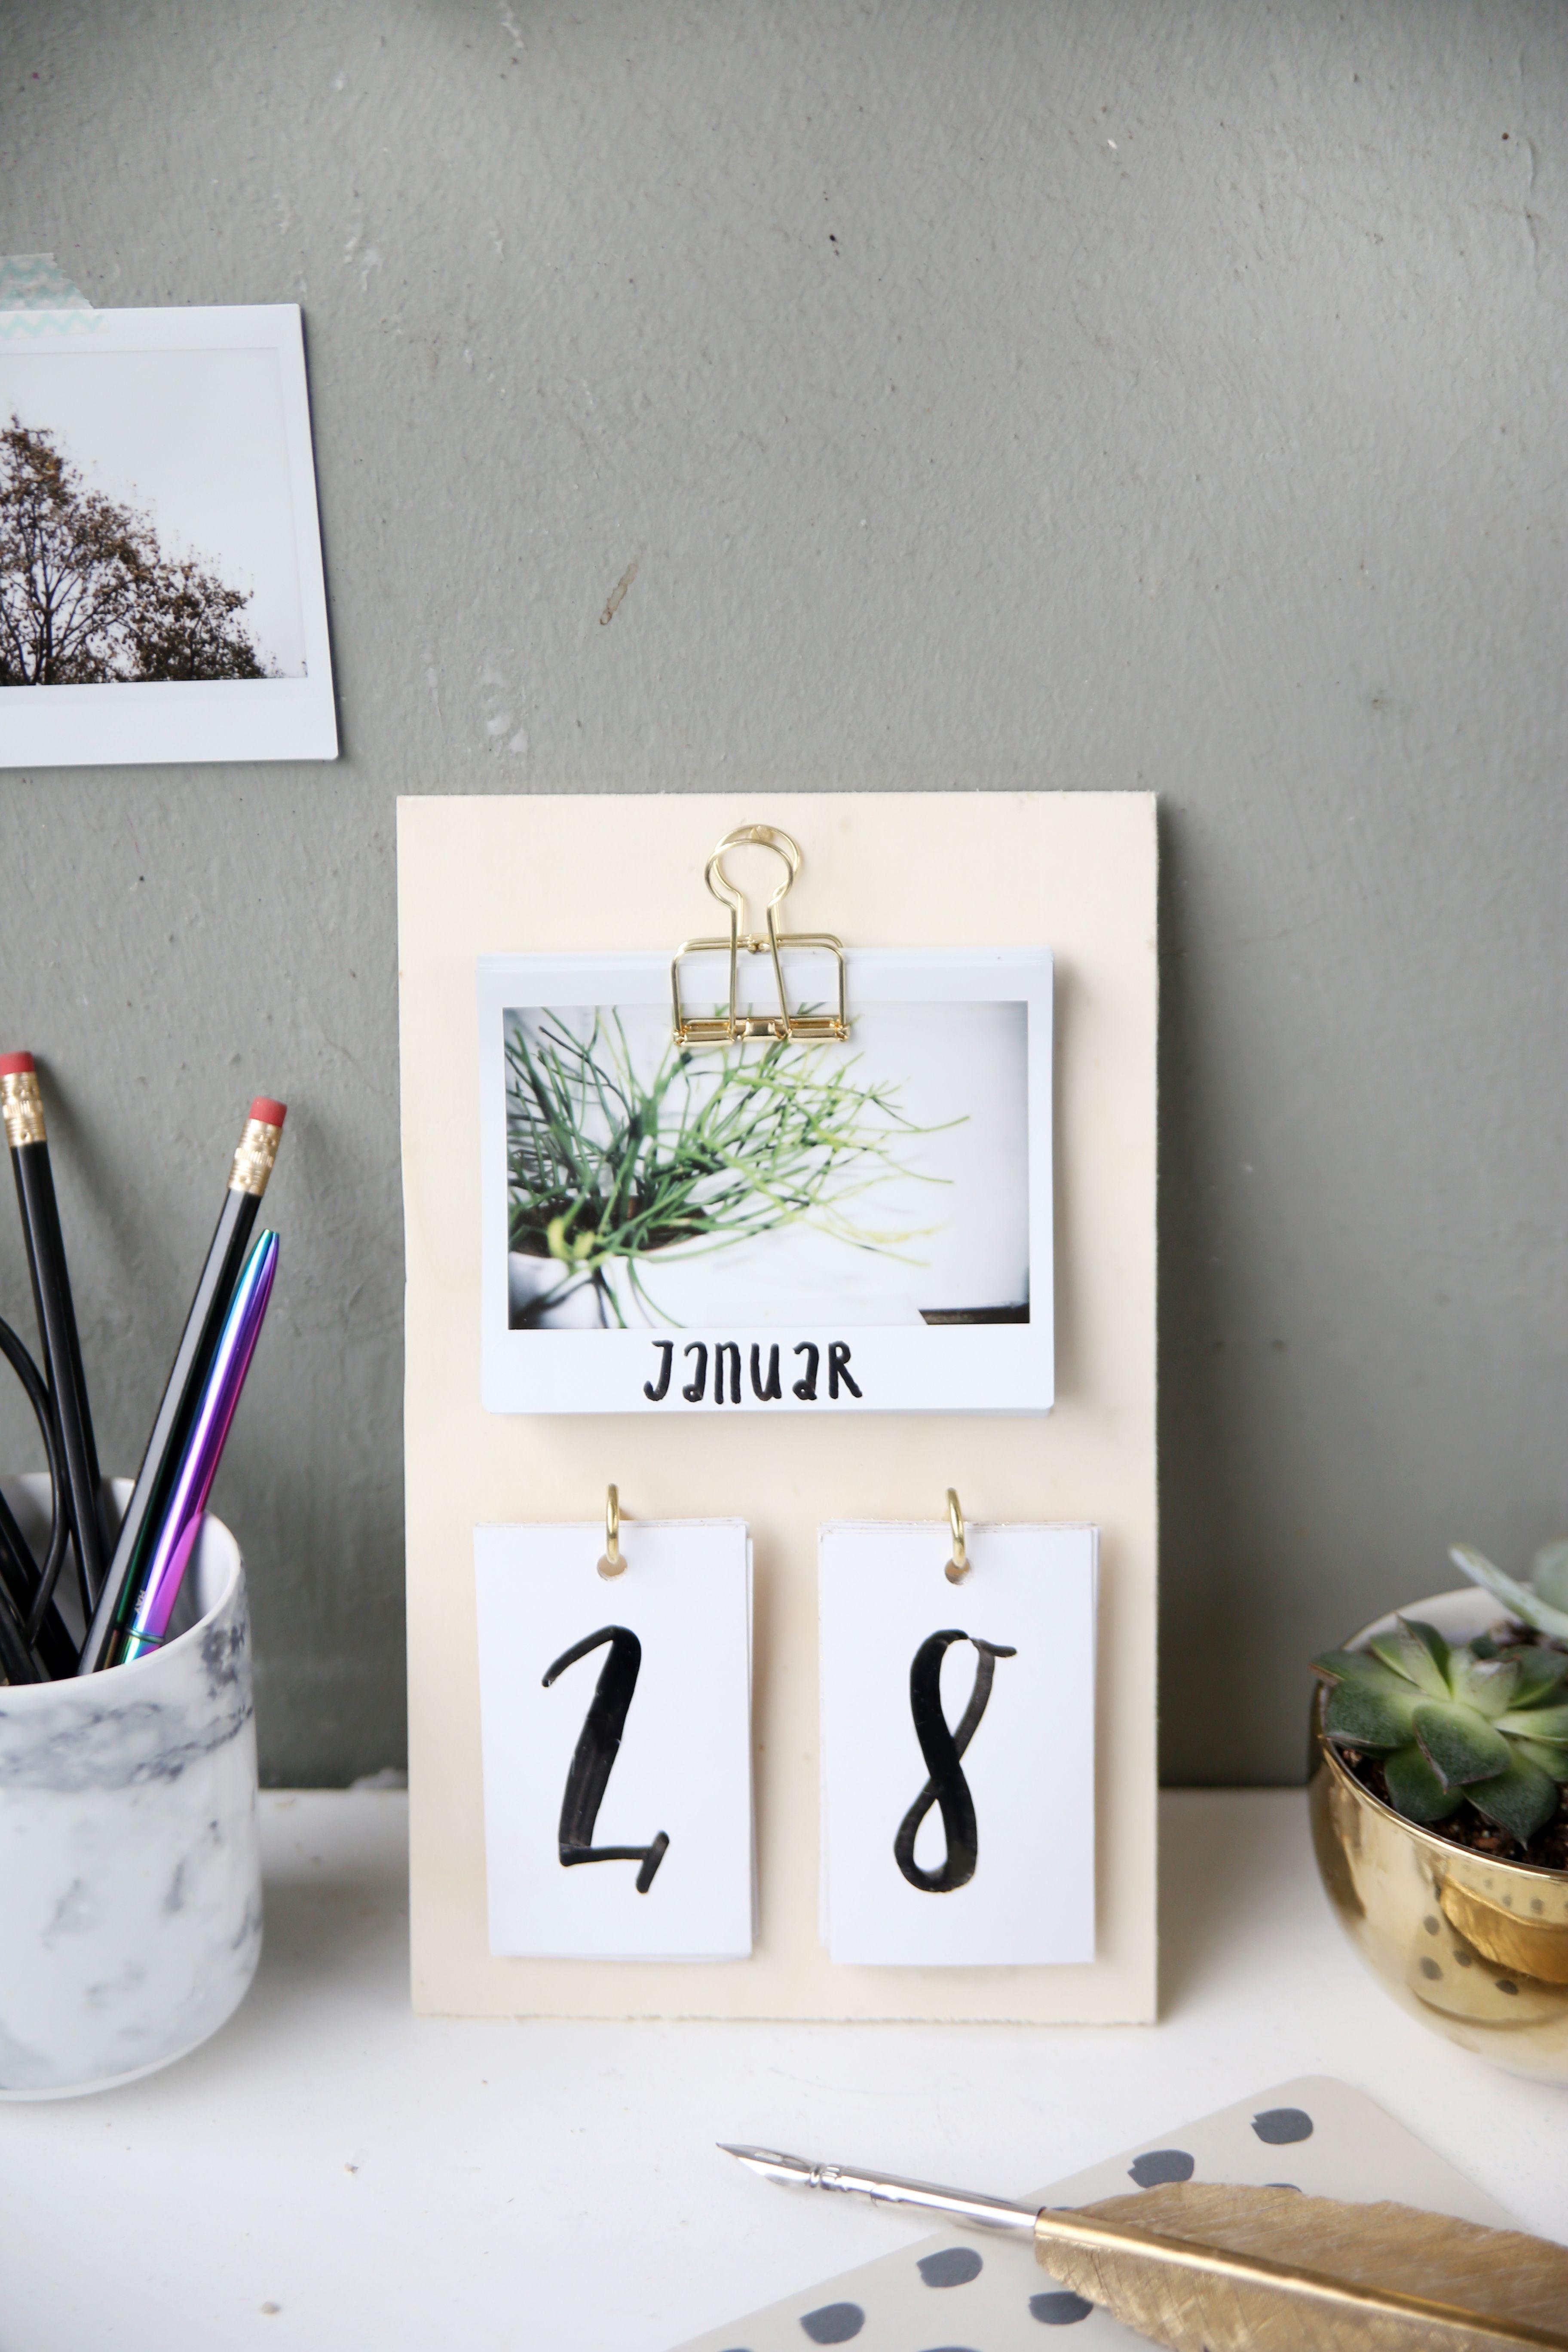 Foto Diy  DIY Schreibtisch Kalender mit Instax Fotos selbstgemacht